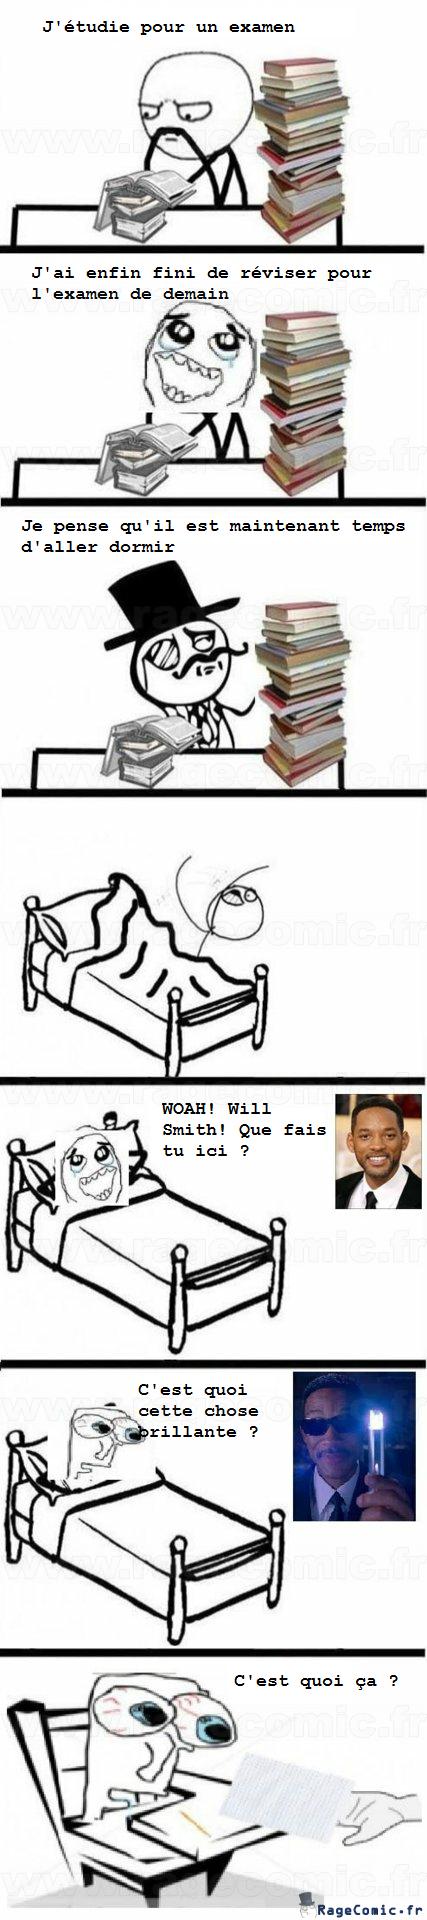 Trollé par Will Smith